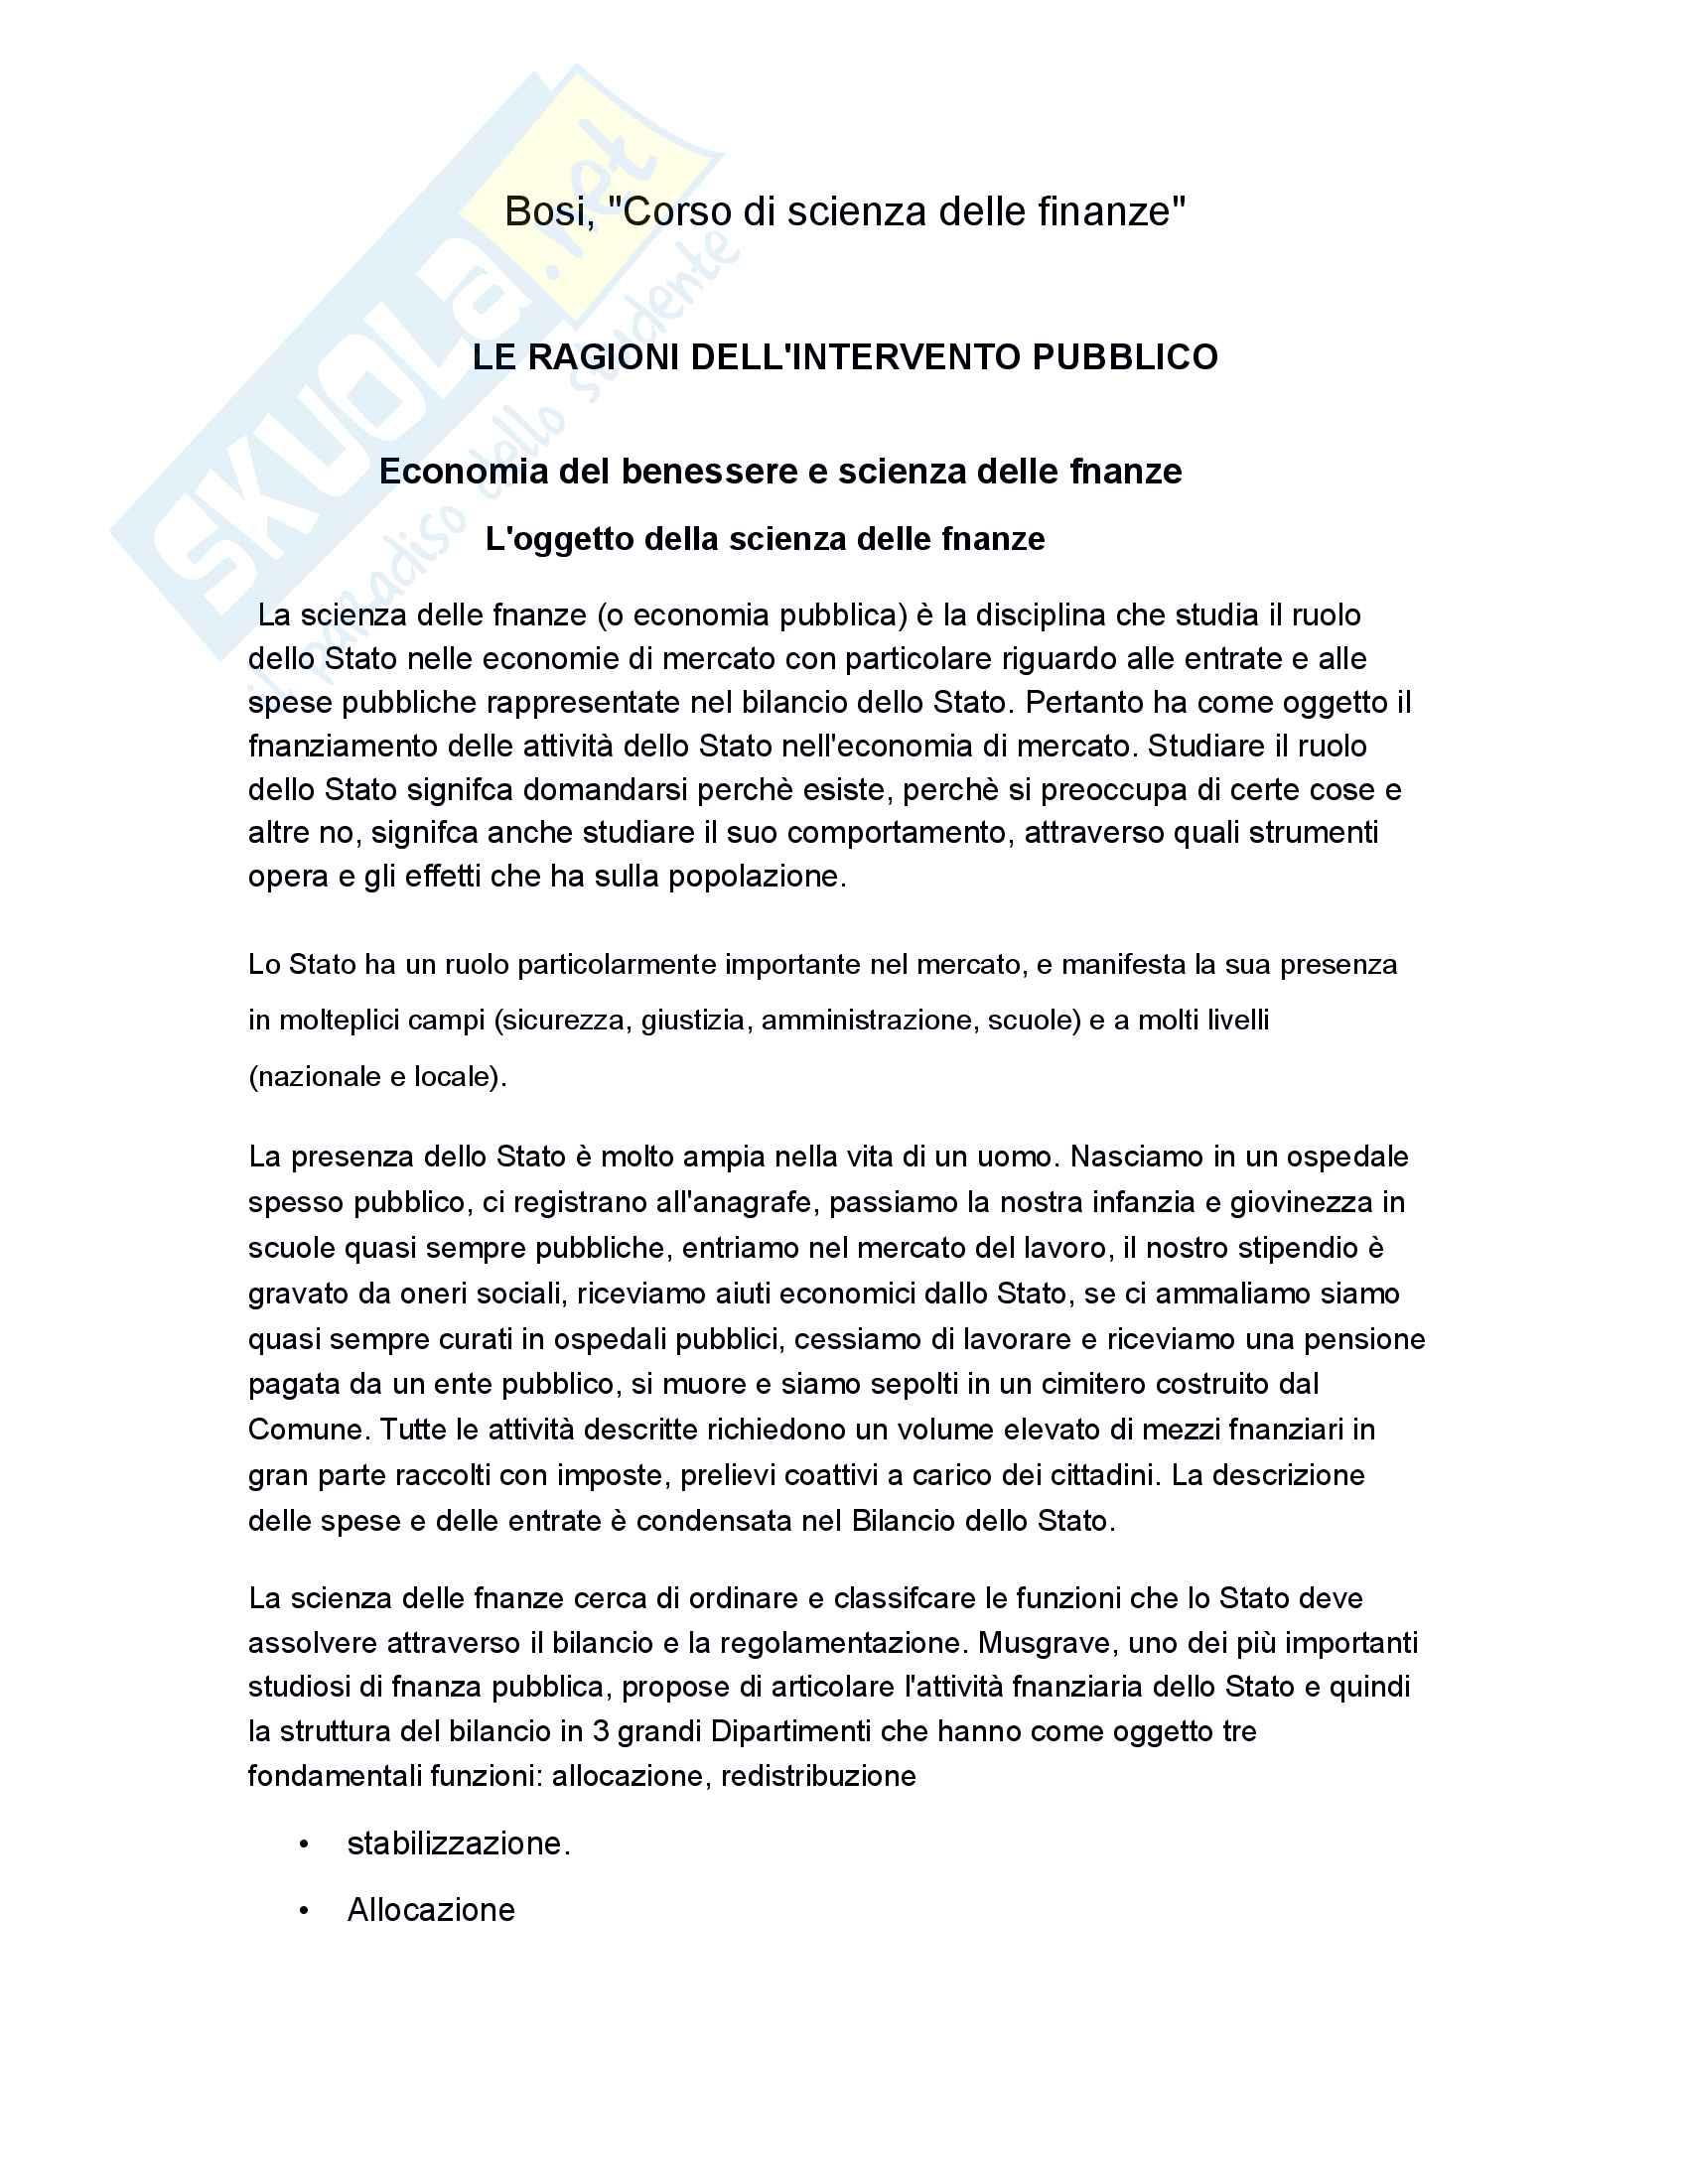 Riassunto esame scienza delle finanze, prof Baldini, libro consigliato Corso di Scienza delle finanze di P .Bosi